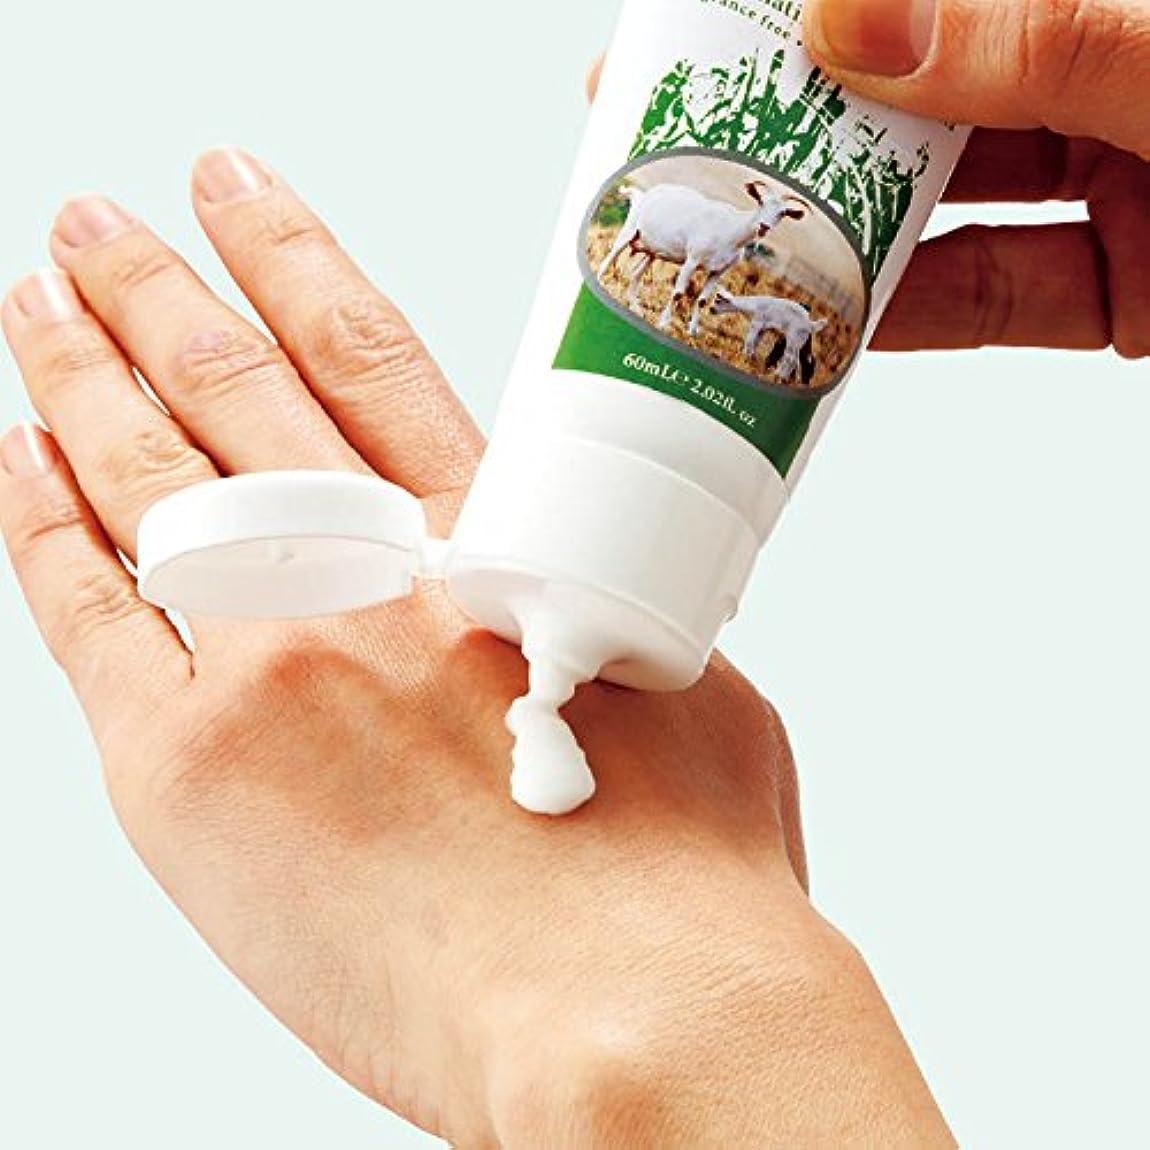 ボスマイルド財布オーストラリア 土産 ティリー ゴートミルク ハンドクリーム 3本セット (海外旅行 オーストラリア お土産)